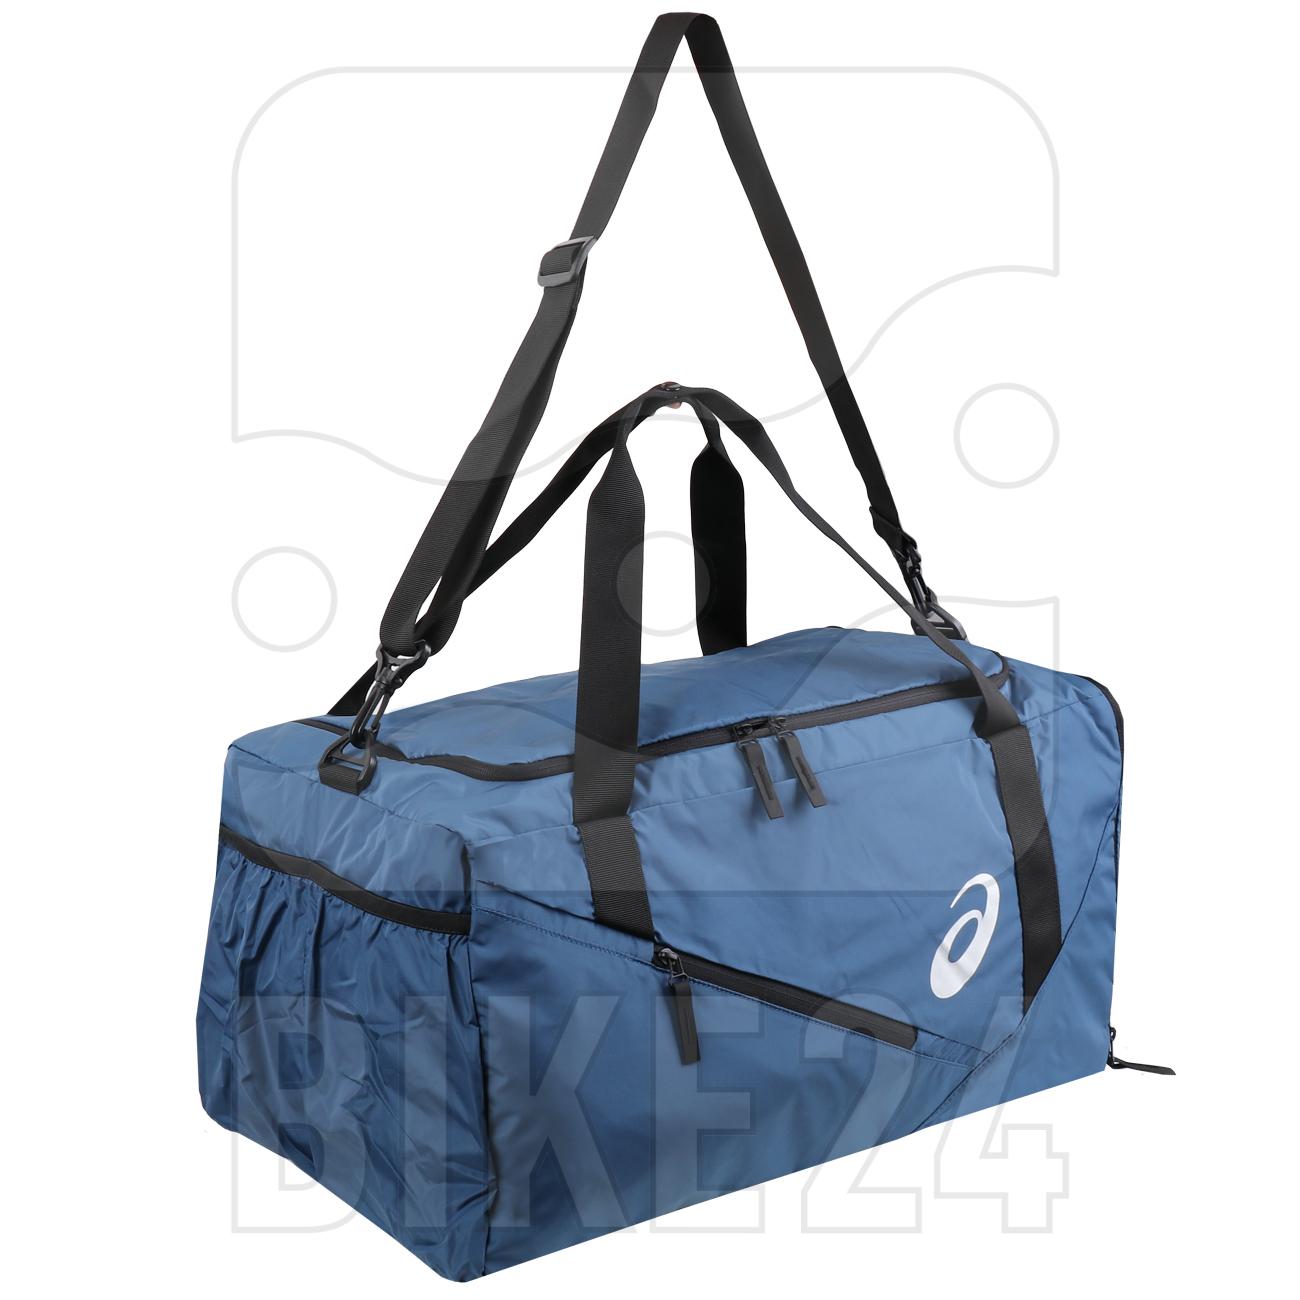 asics Duffle Bag - Medium - grand shark